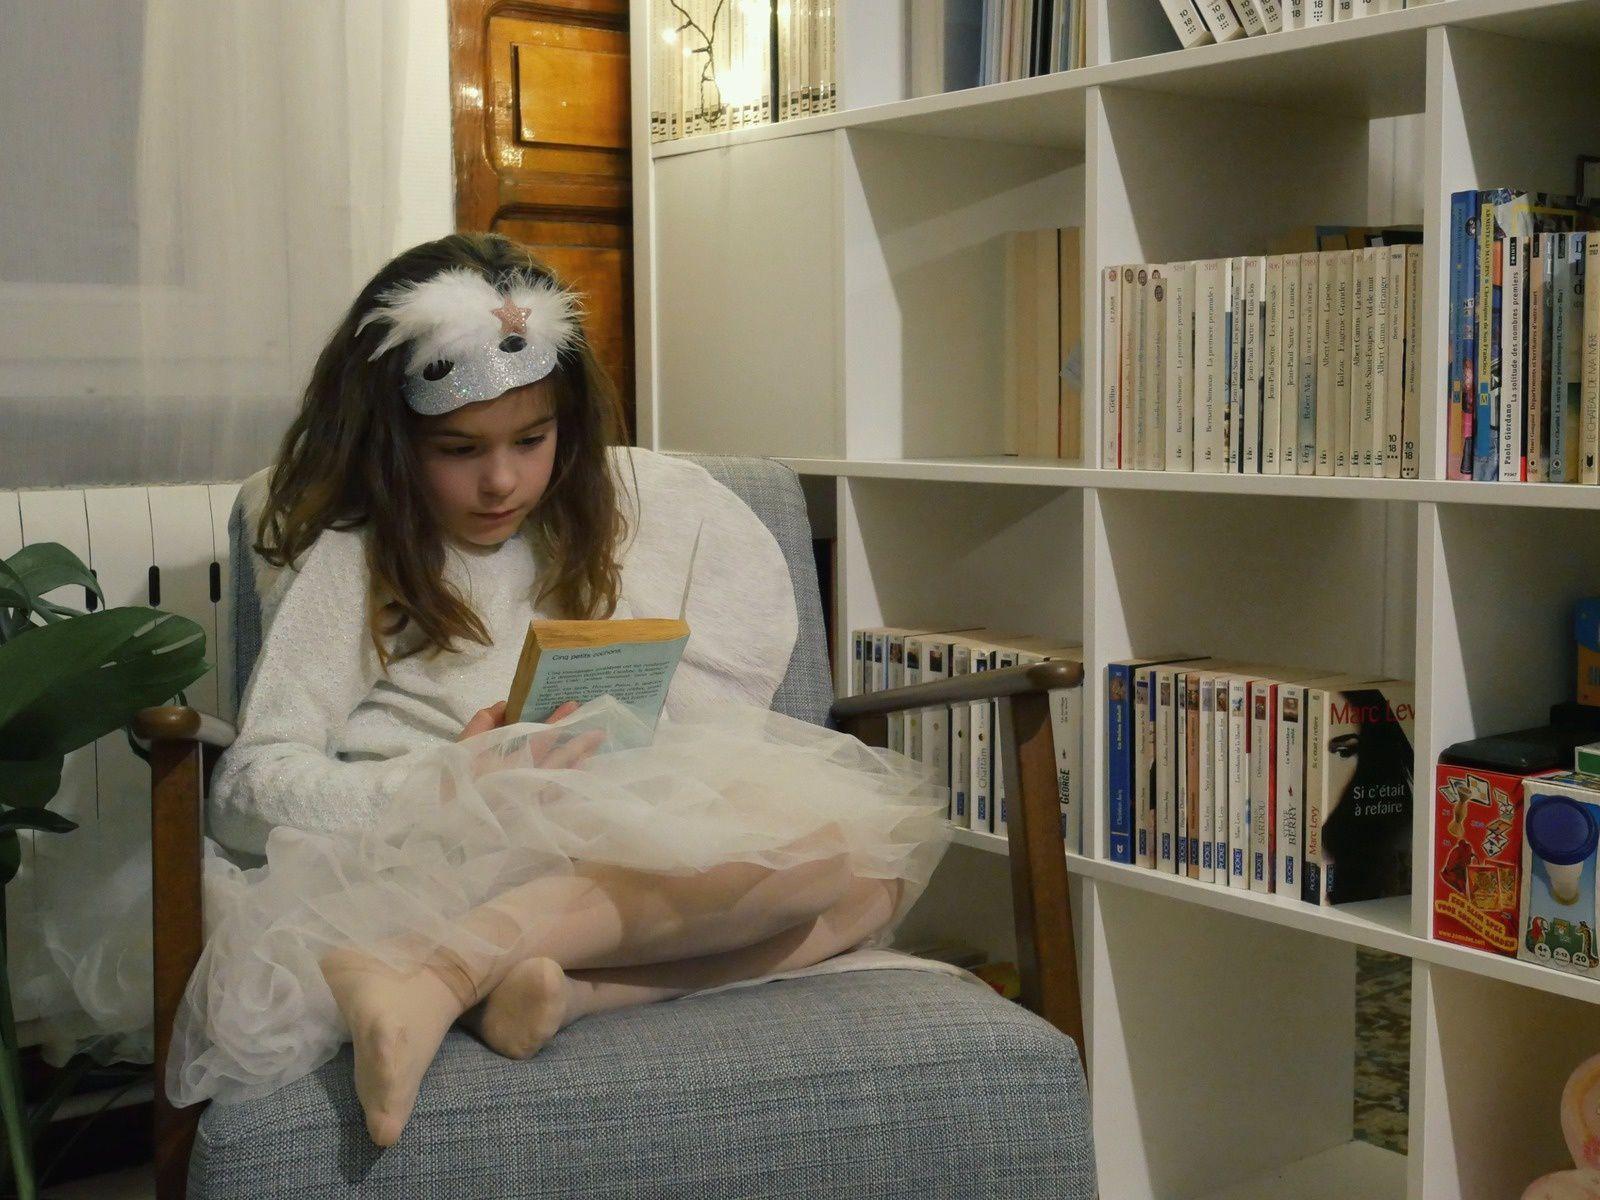 Depuis les photos, elle me demande chaque jour quand elle pourra lire Agatha Christie...